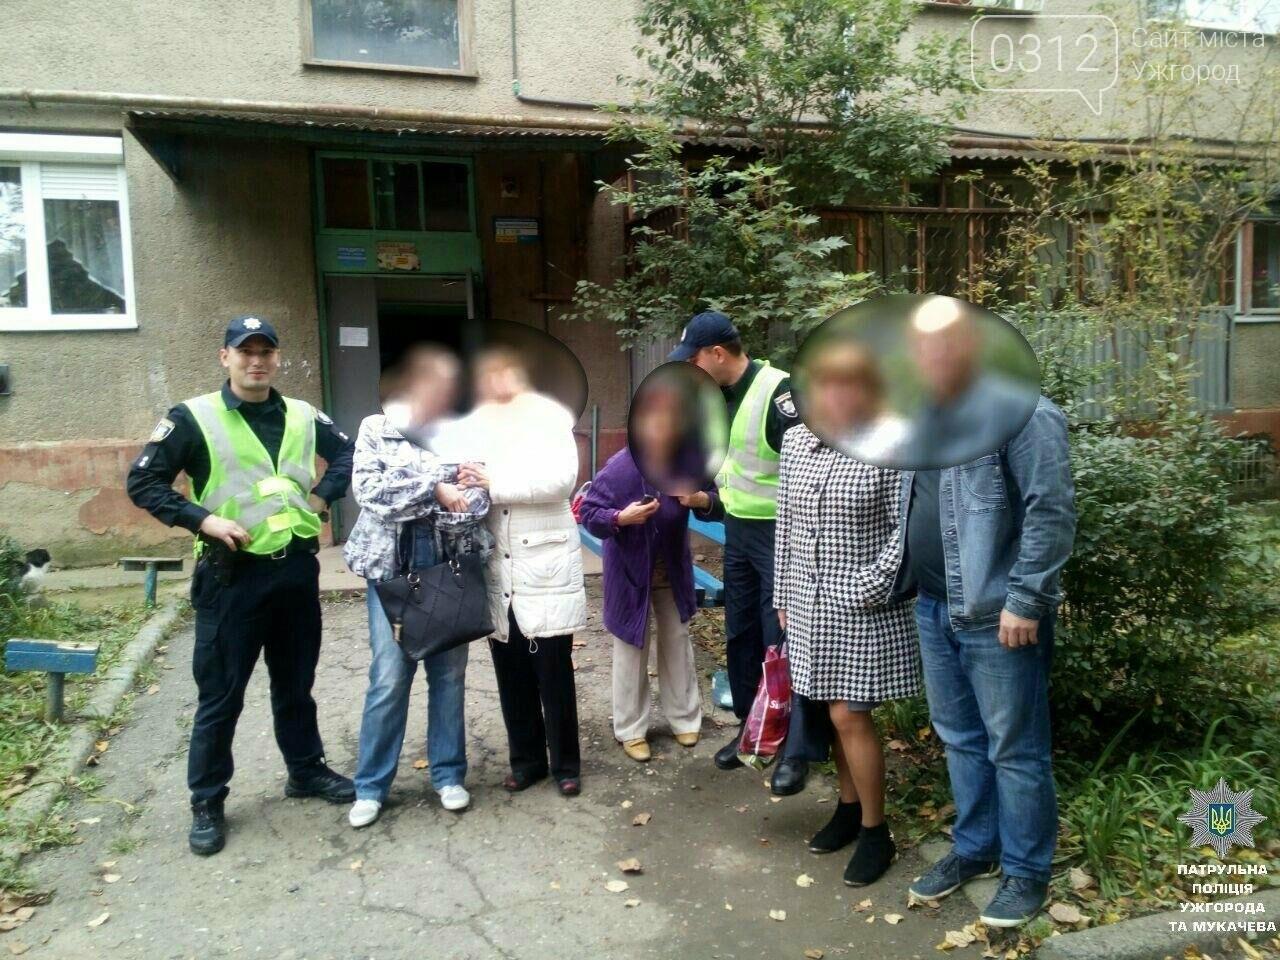 Ужгородські патрульні повернули жінці речі вартістю близько 50 000 гривень: фото, фото-1